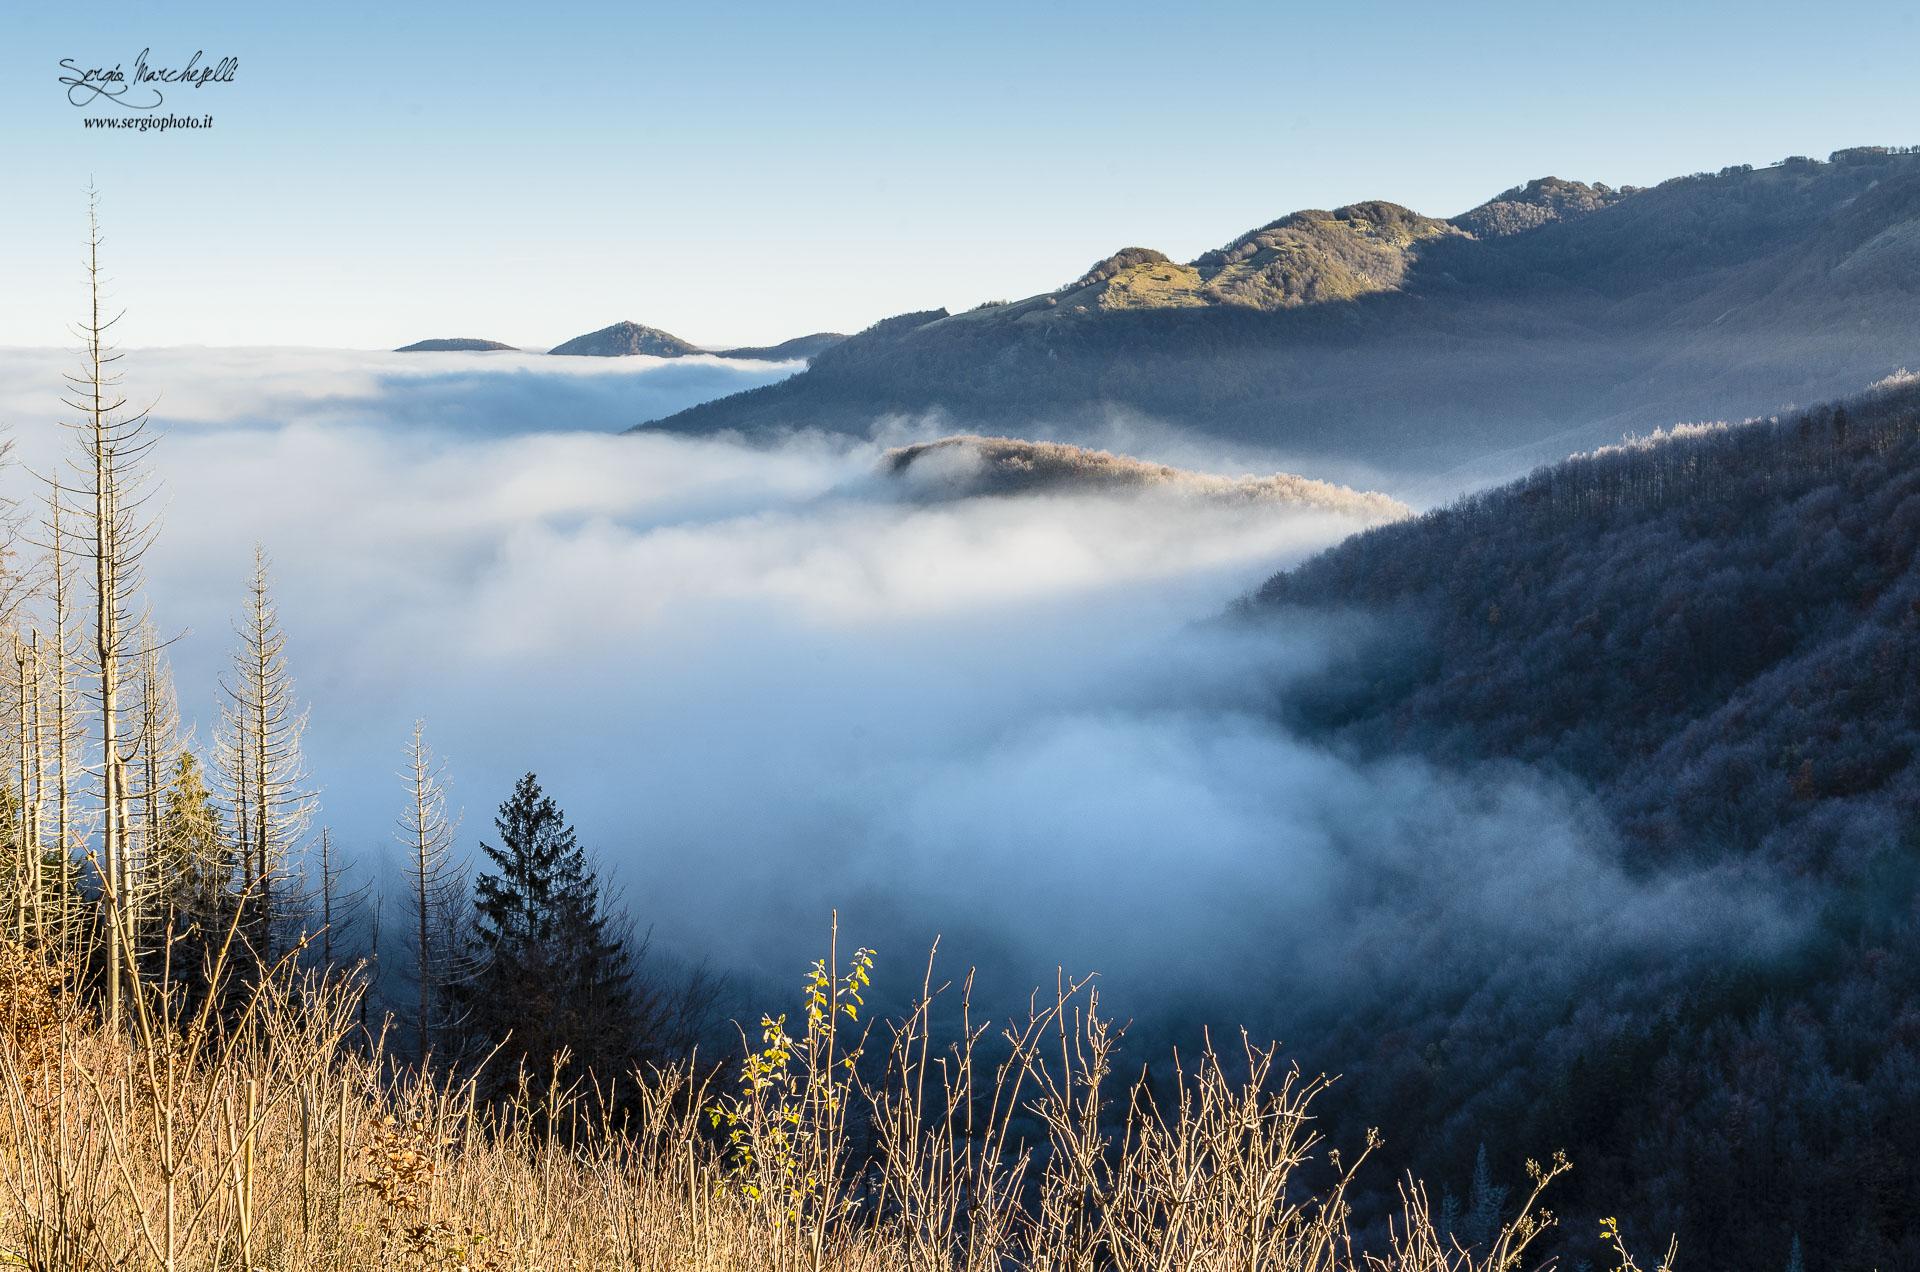 nebbia-nella-valle